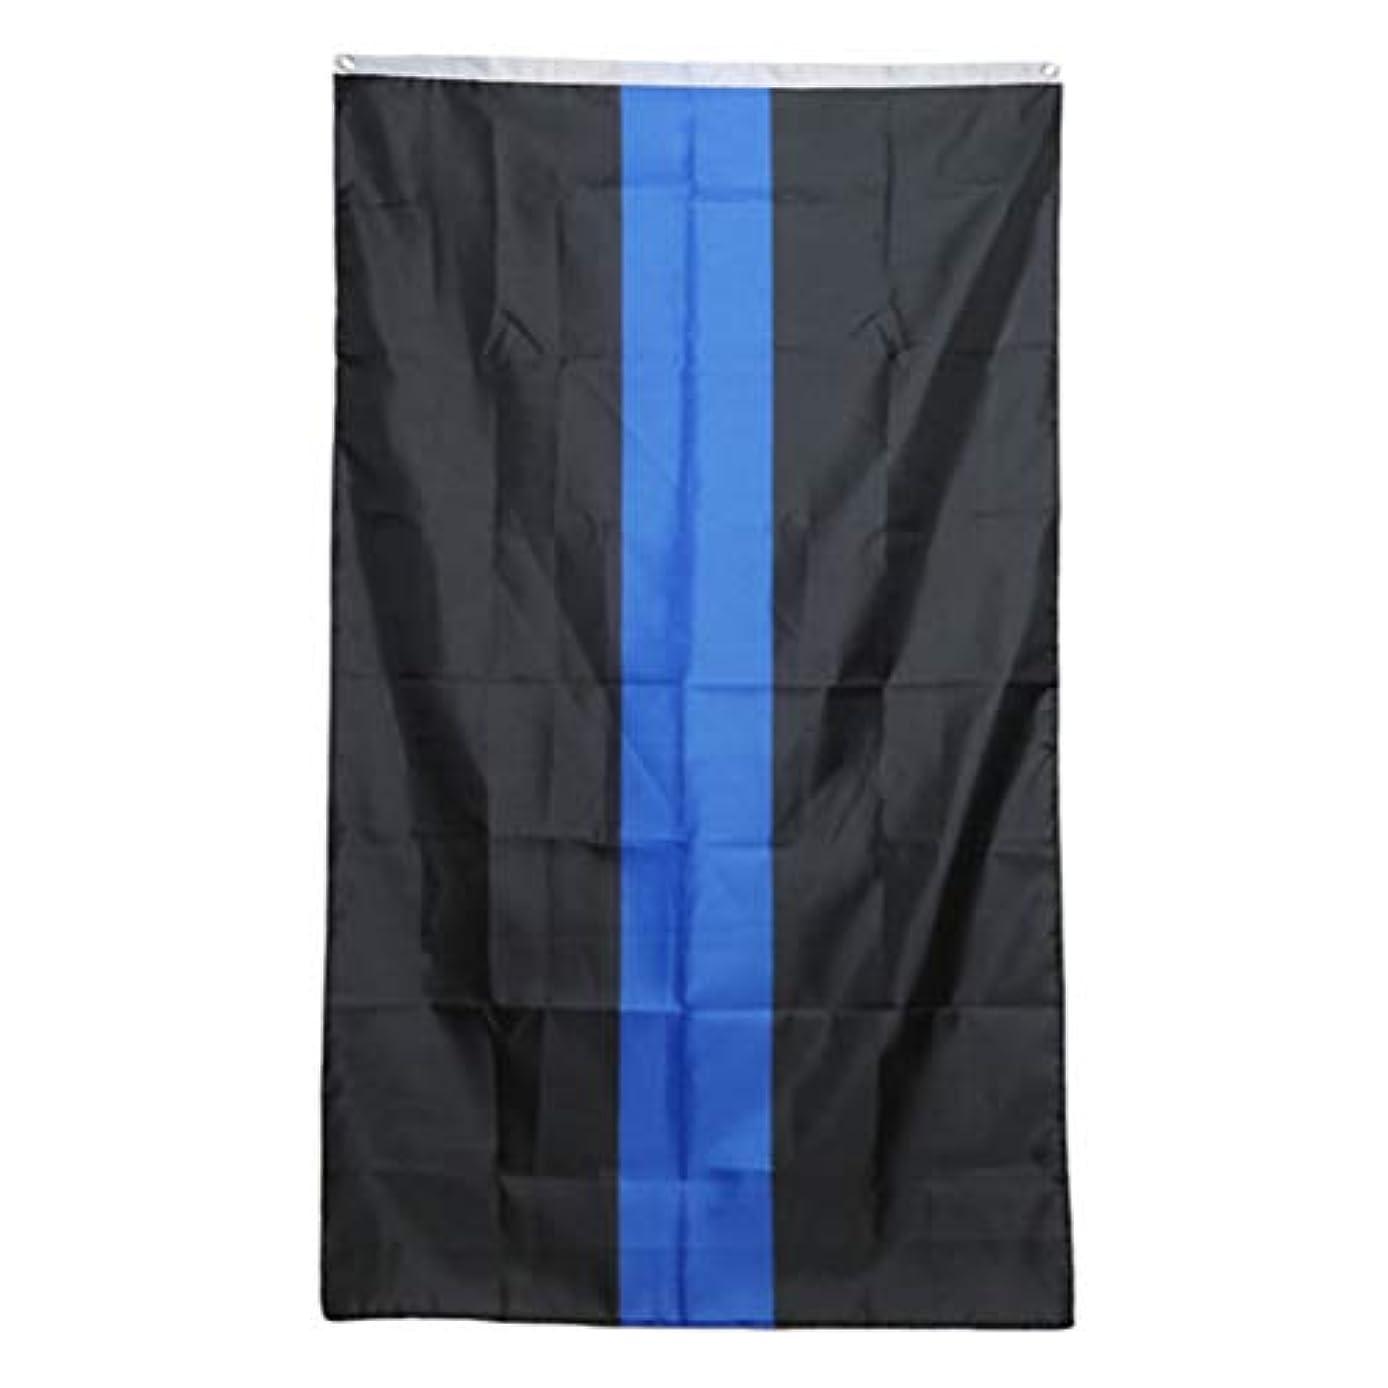 悲観主義者ウナギ恩赦Flybloomポリエステルアメリカ国旗の非公式の星条旗、赤いストリップ